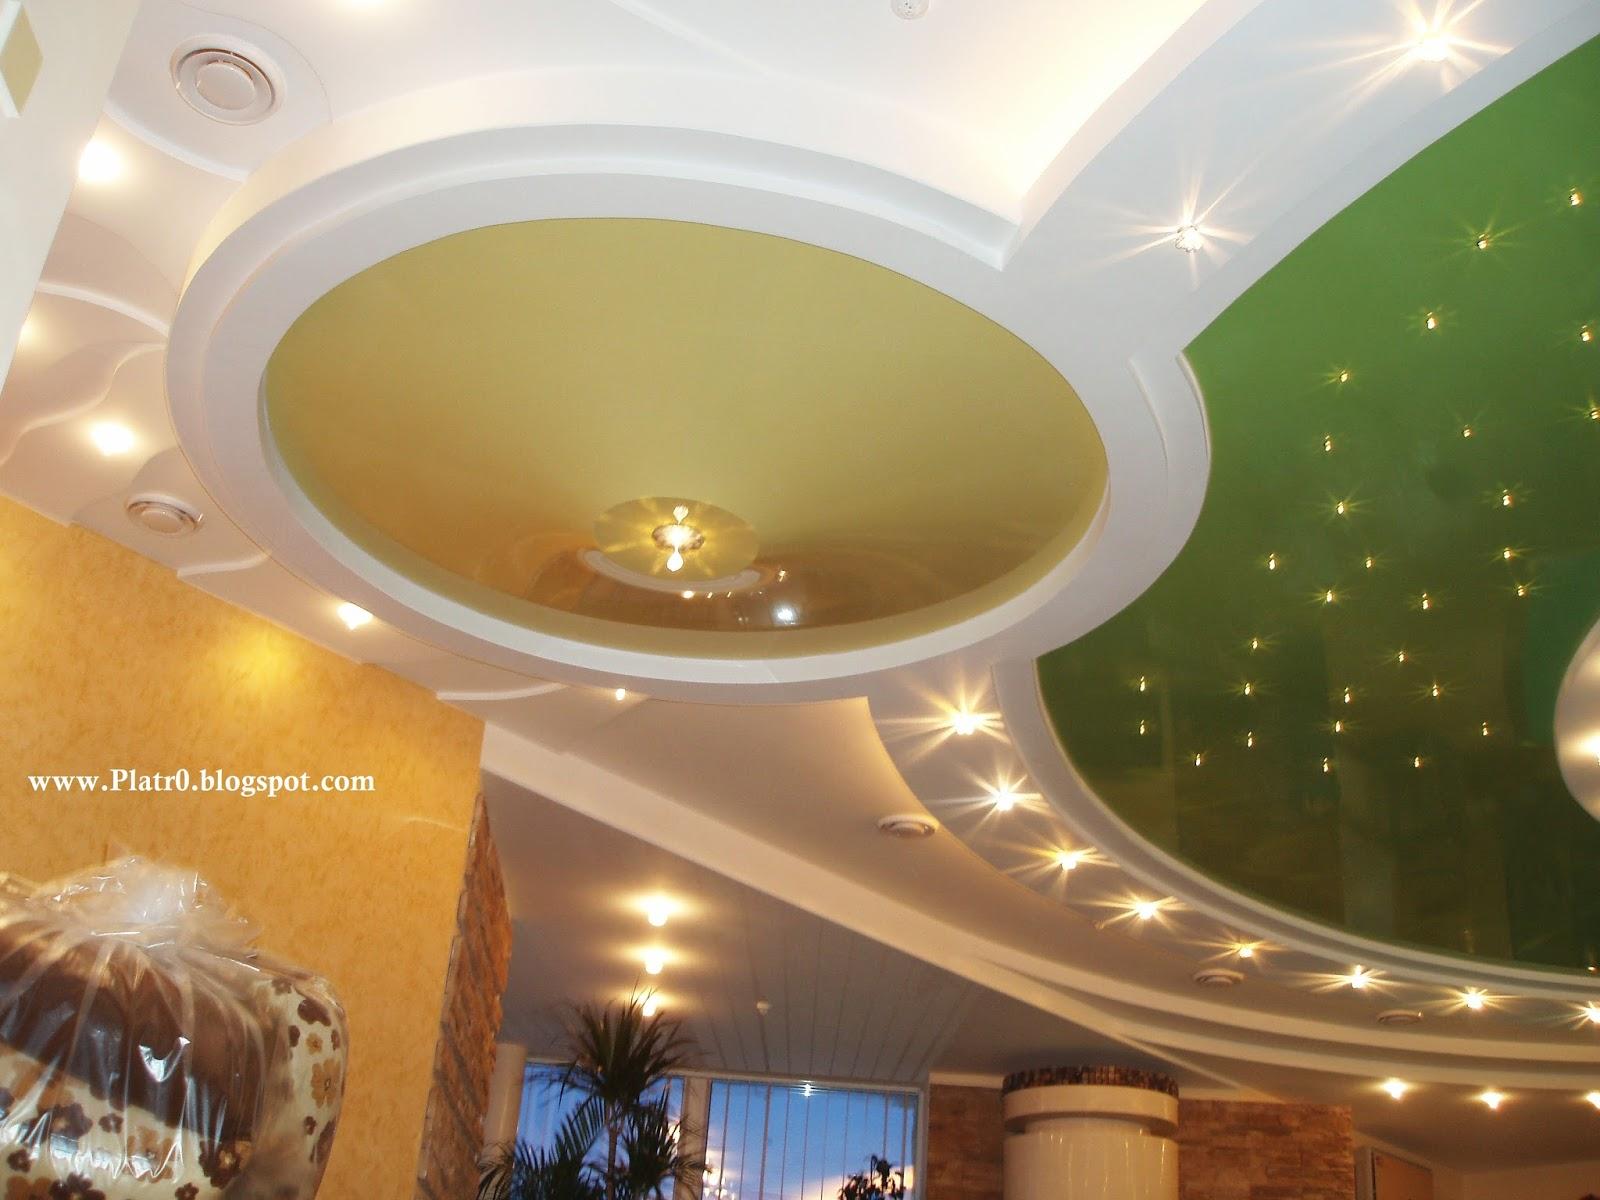 Plafond platre norvge  Dcoration Platre Maroc  Faux Plafond Dallearc platre